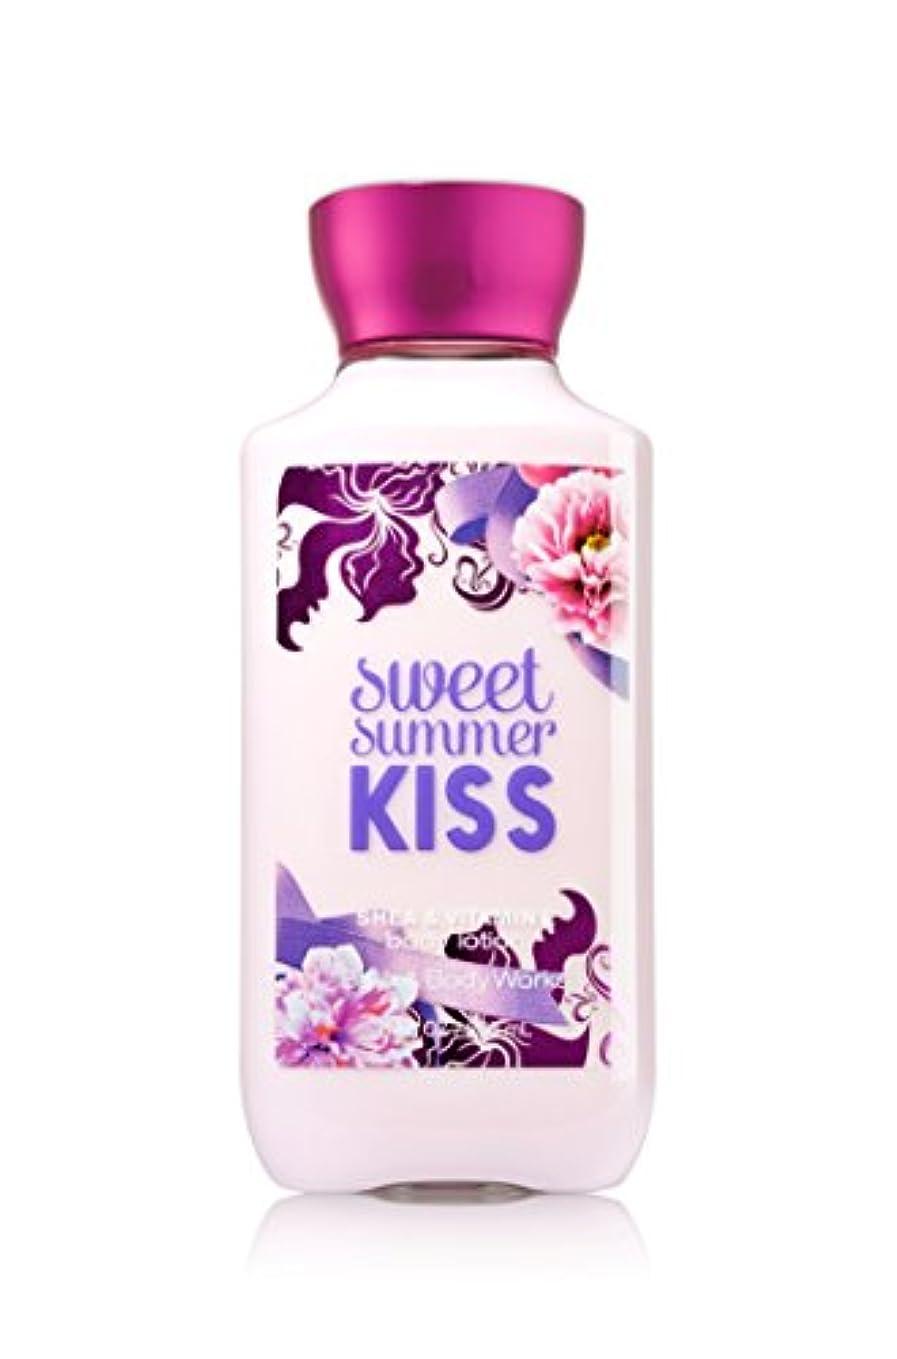 ばかげているそのような海峡Bath Body Works Sweet summer KISS Body lotion 236g 並行輸入品